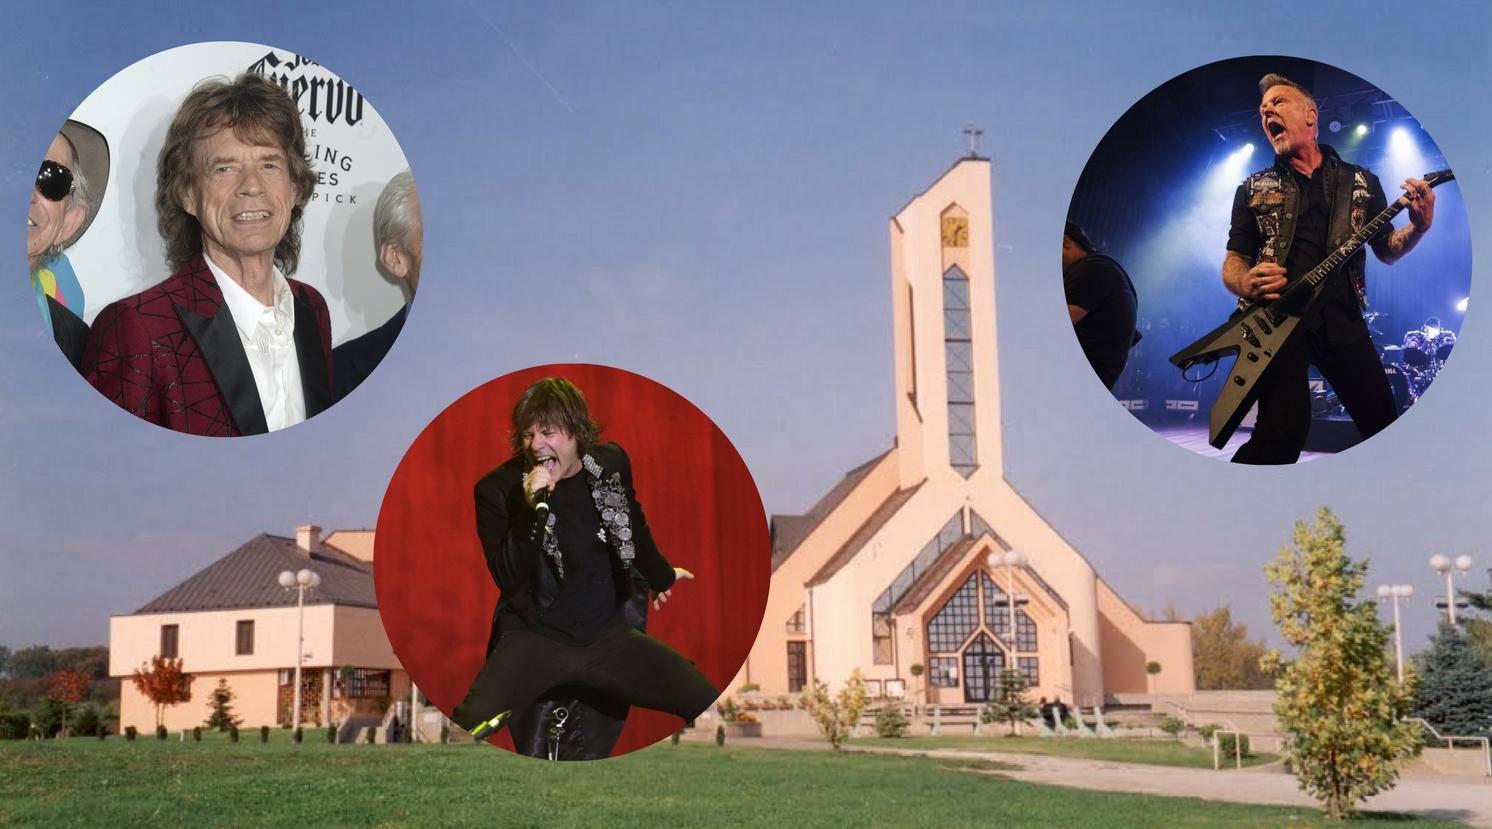 Preporuke za krizmu: Rock stvara odbojnost prema Bogu